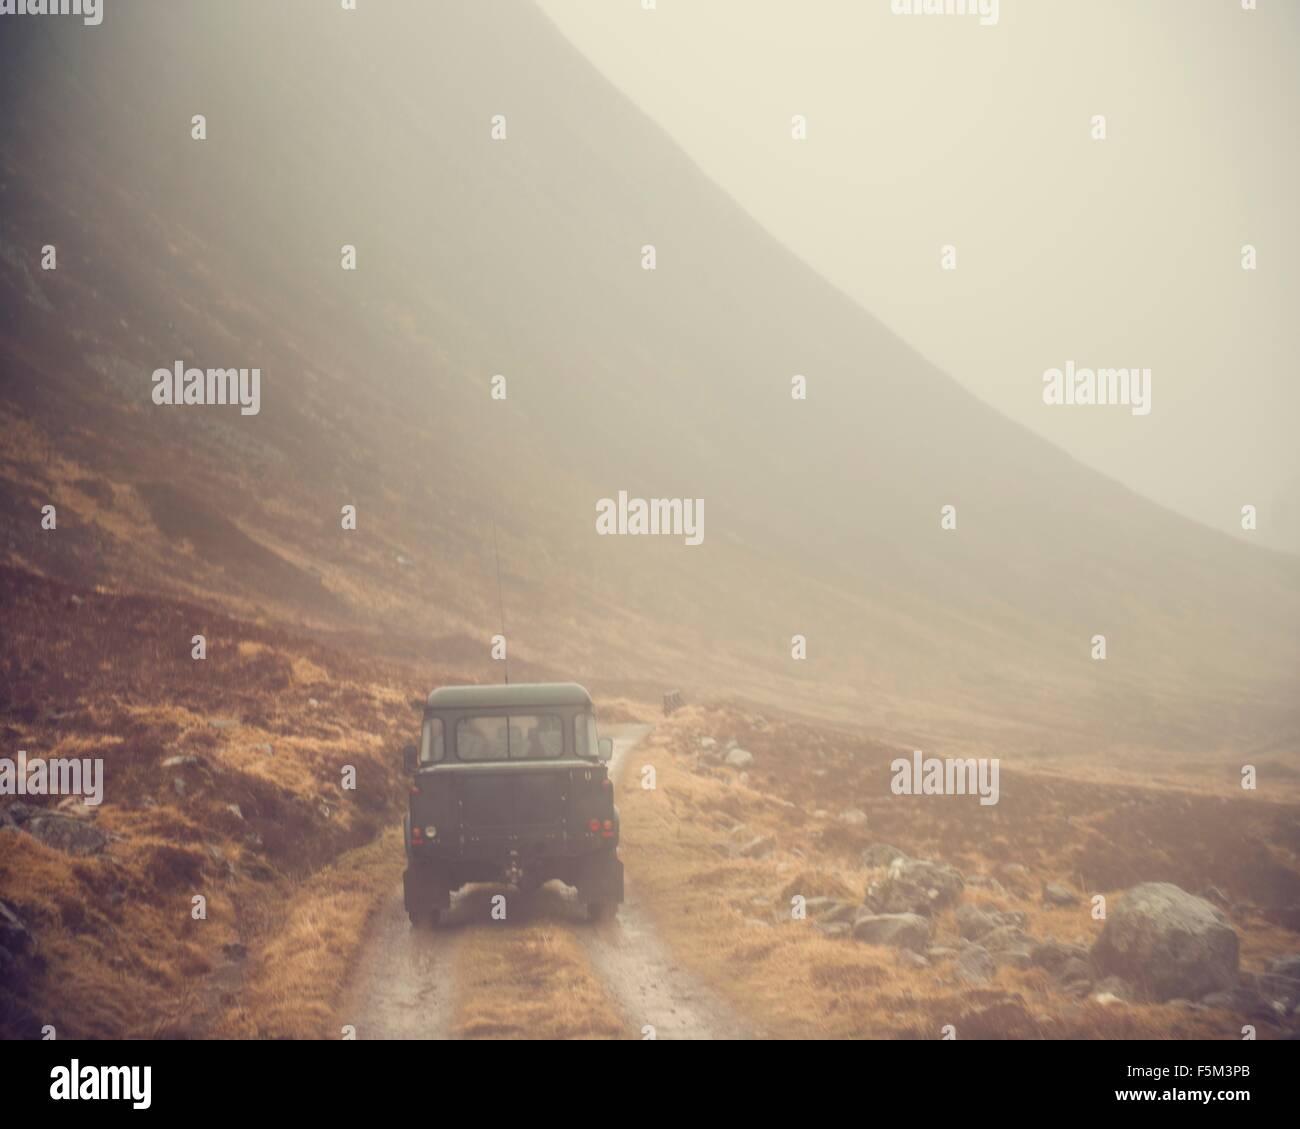 Quattro ruote di guidare sulla valle di montagna sterrato, Sutherland, Scozia Immagini Stock